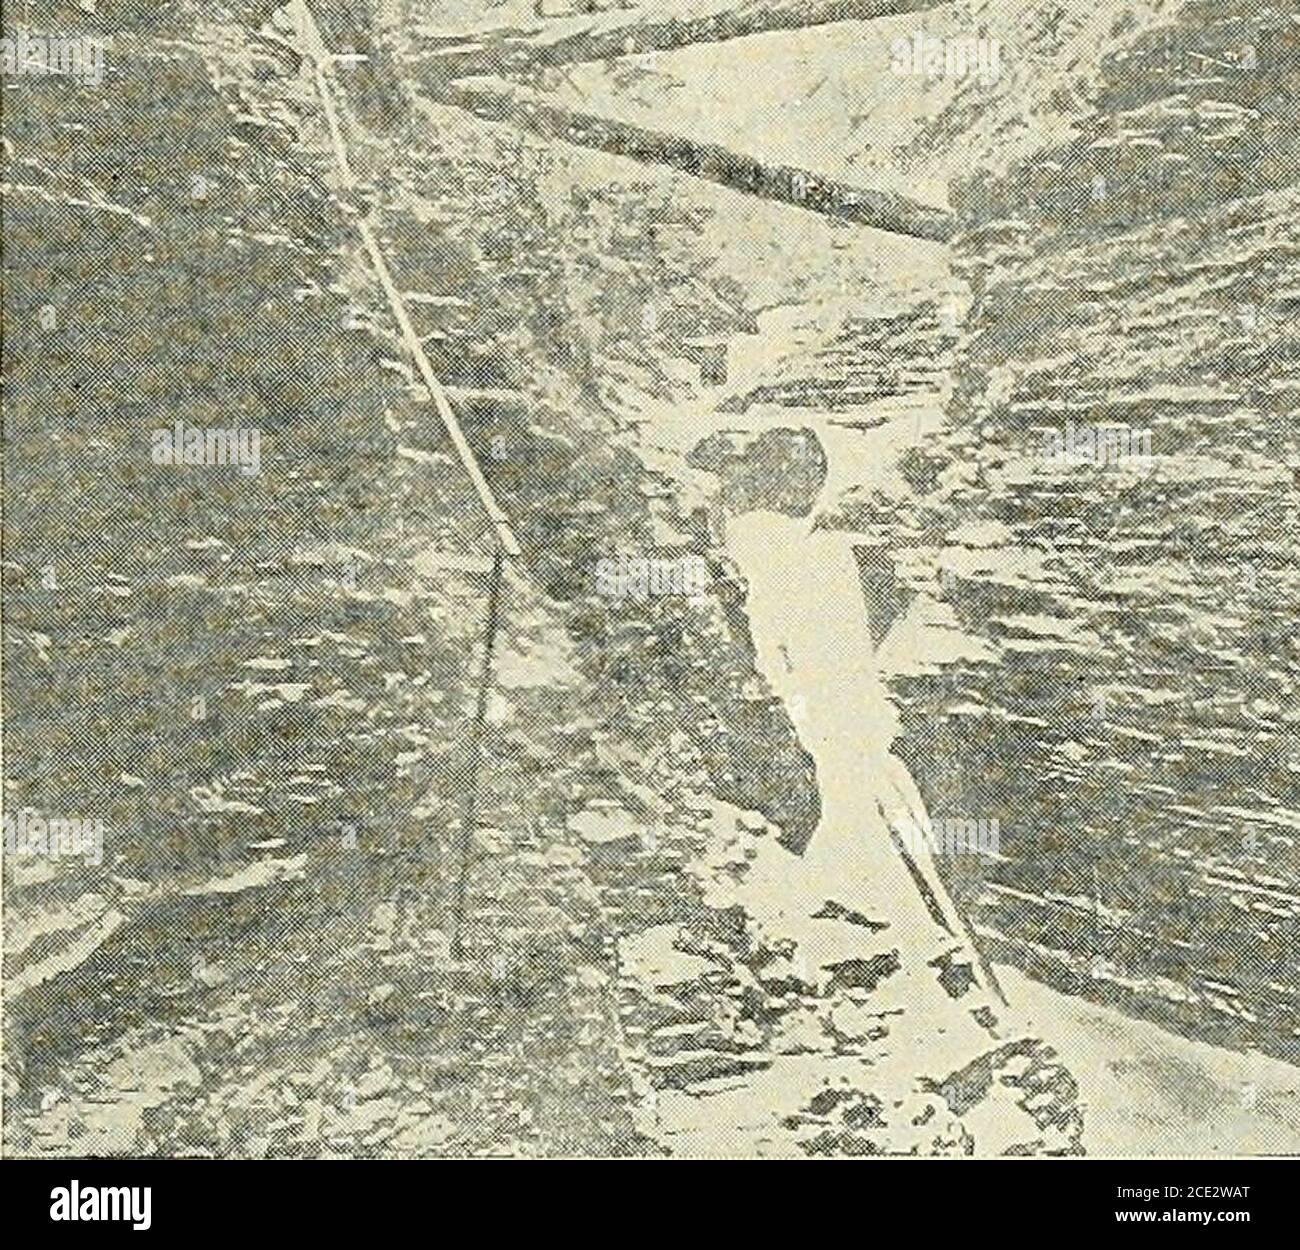 . Geografía física elemental . Fig. 132. Borde de las Cataratas del Niágara. Un valle que tiene lados muy suavemente inclinados sobre las cataratas y lados precipitados abajo, simplemente porque eran valles preparados. Se creía que la corteza de la tierra había sido contorsionada y agrietada, que las inundaciones del océano habían arrasado sobre la tierra, y que los ríos no tenían prácticamente ninguna parte en la formación de los valles que ocupaban. Ahora sabemos que la mayor-idad de los ríos han formado sus propios valles, que los han formado de una manera muy lenta, y que la mayoría de ellos son VALLES DE LOS RÍOS. 265 todavía se ha comprometido en el wor Foto de stock